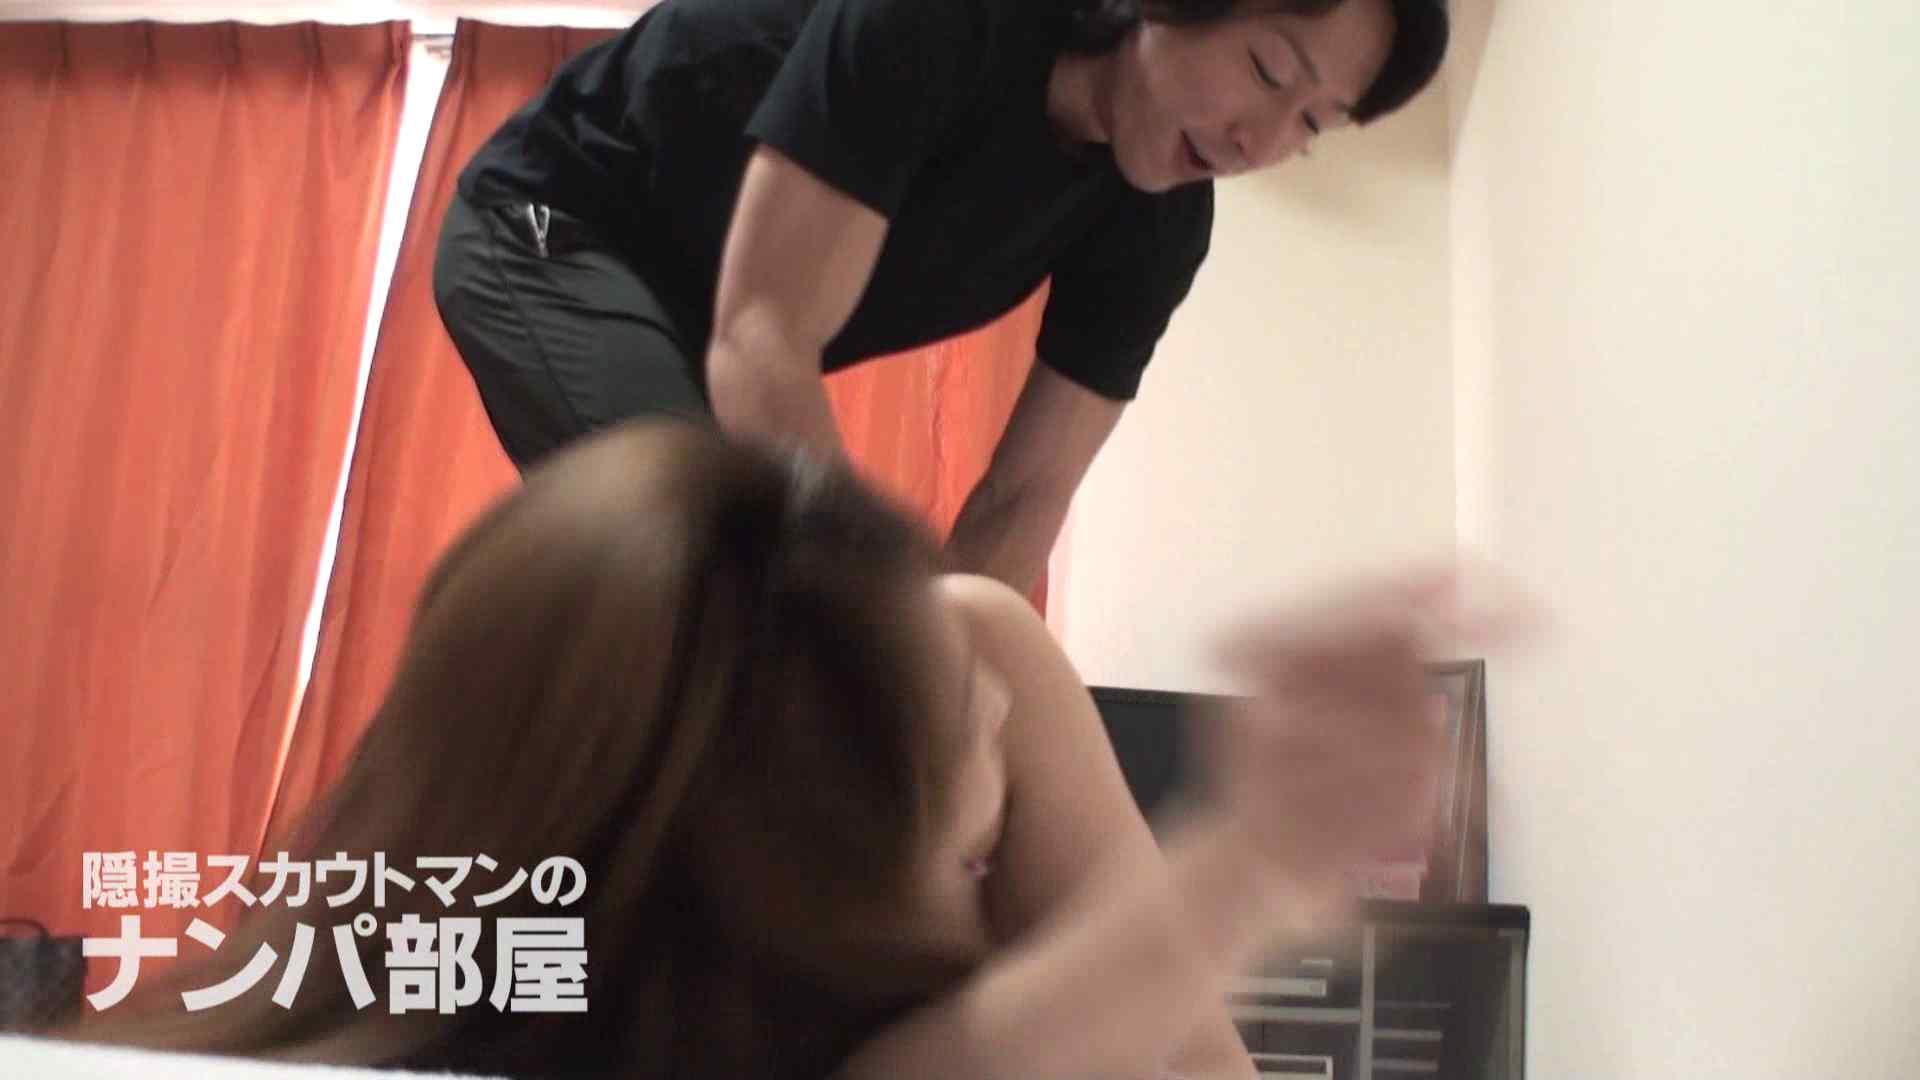 隠撮スカウトマンのナンパ部屋~風俗デビュー前のつまみ食い~ siivol.2 OL | 脱衣所  61連発 32